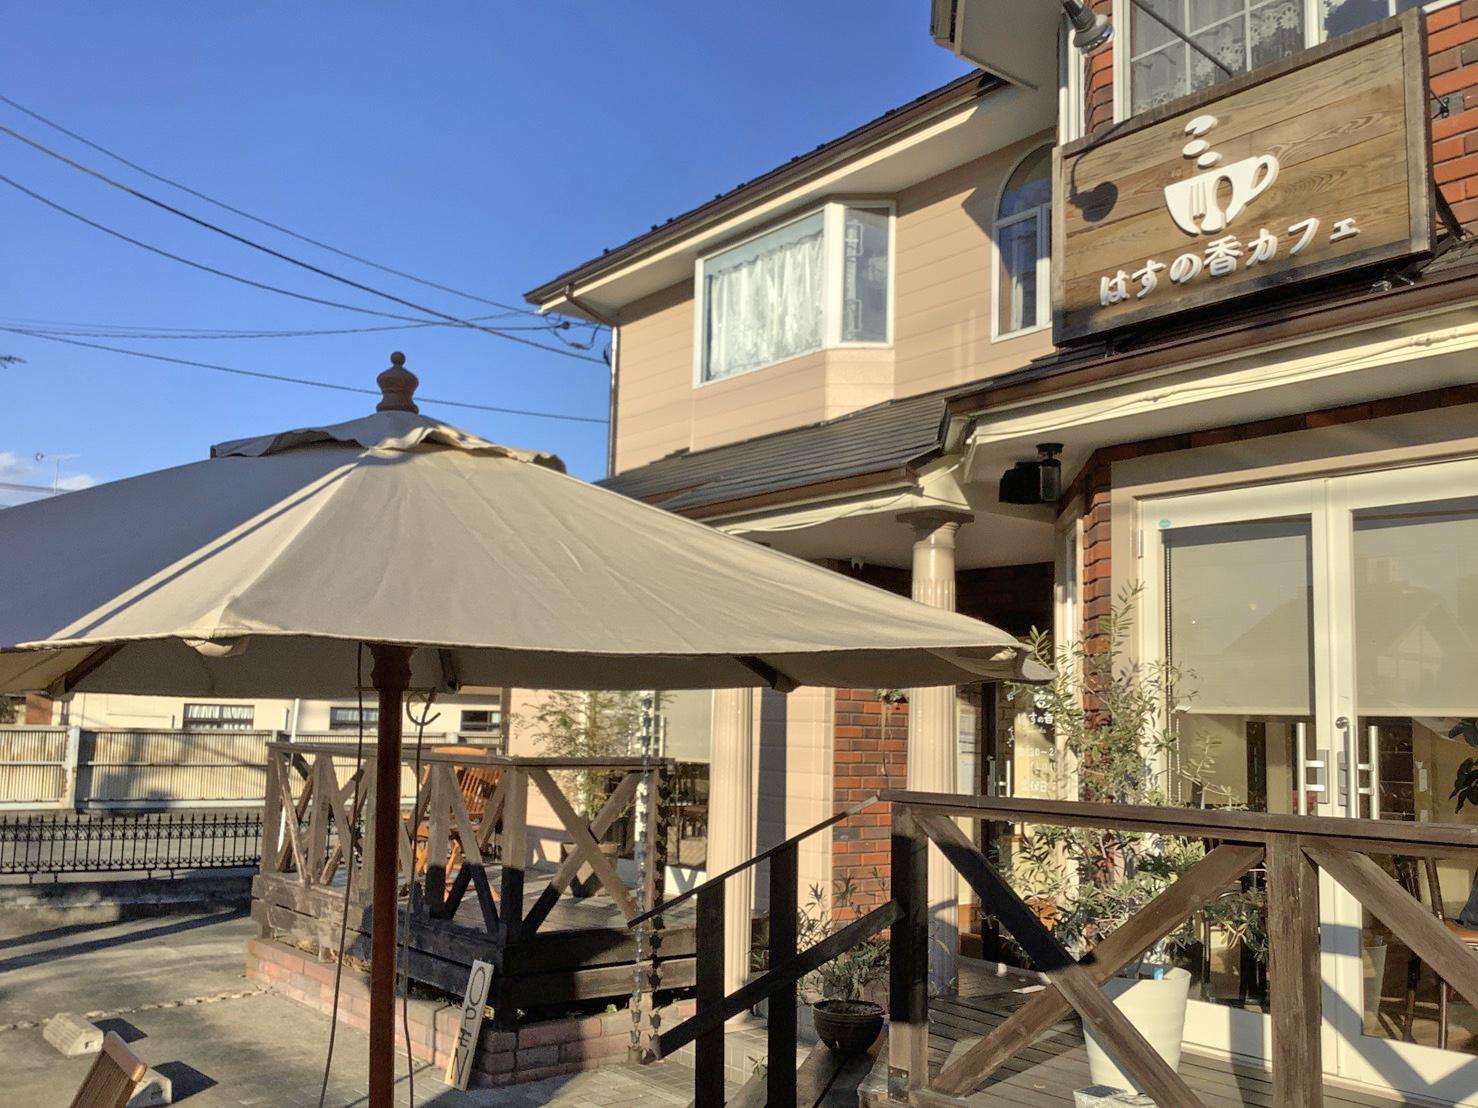 HASUNOKA Cafe